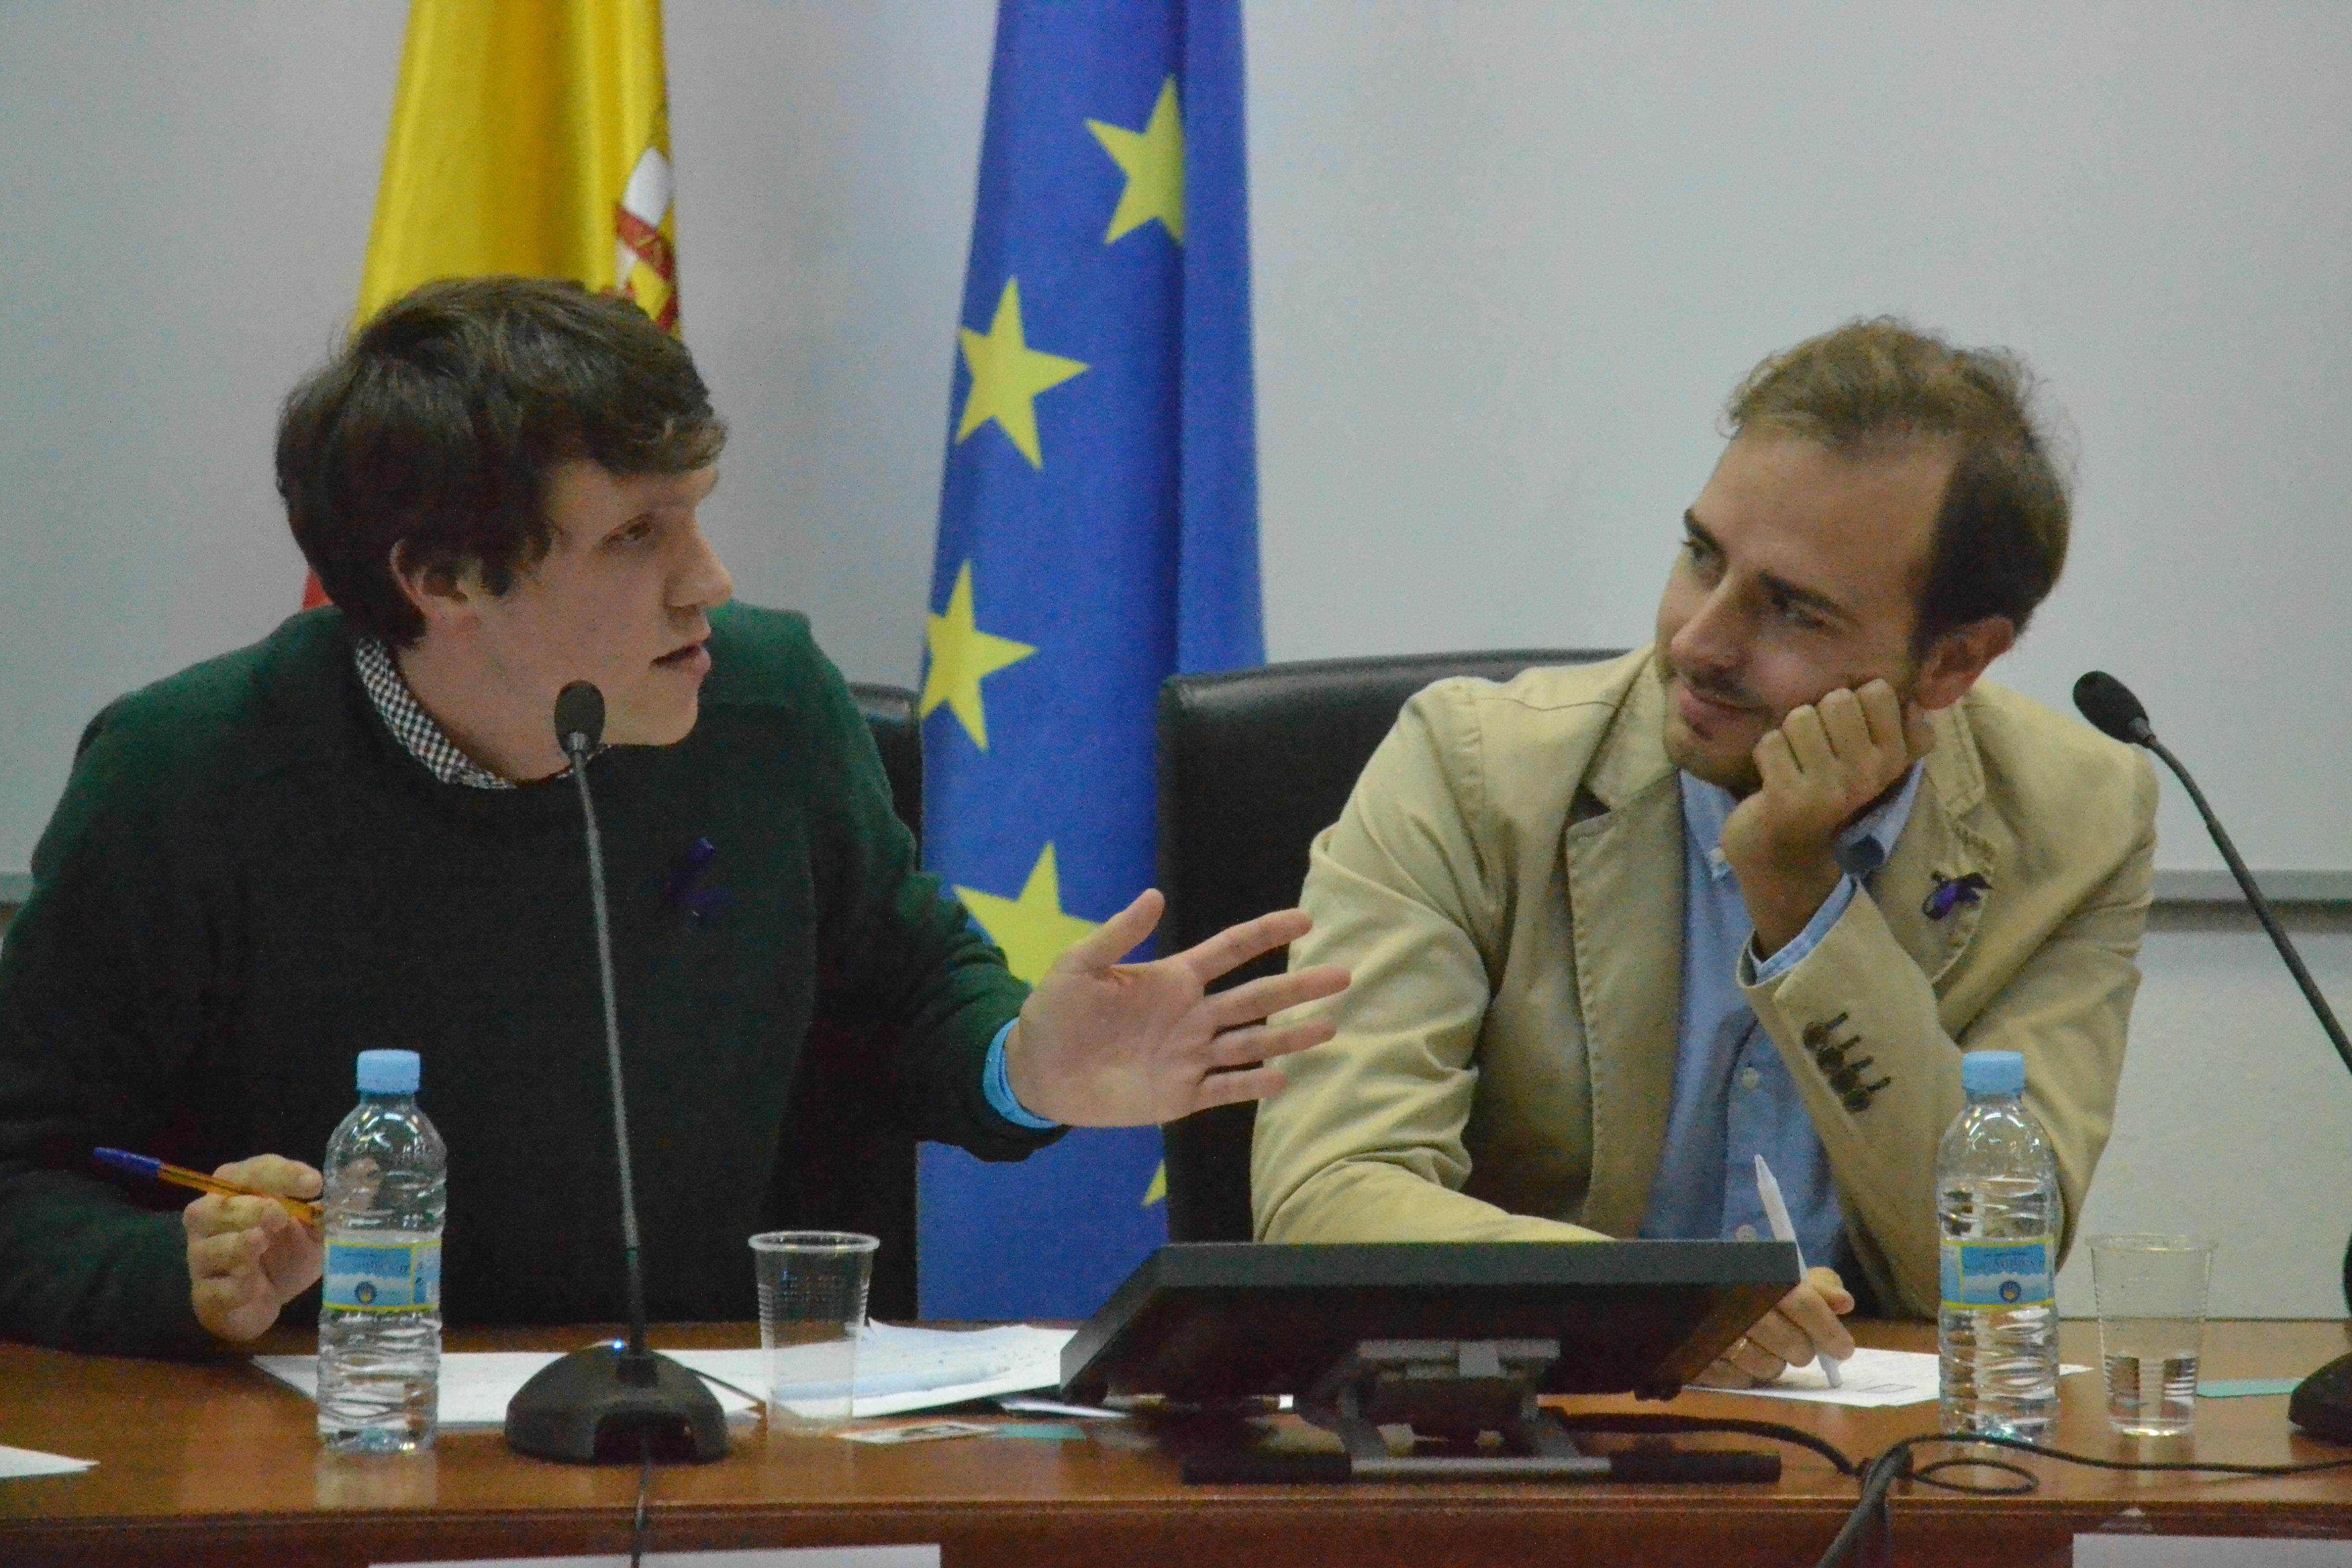 Aitor Bouza (esquerda) e Javier Dorado (dereita) durante o debate © Carlos Rey